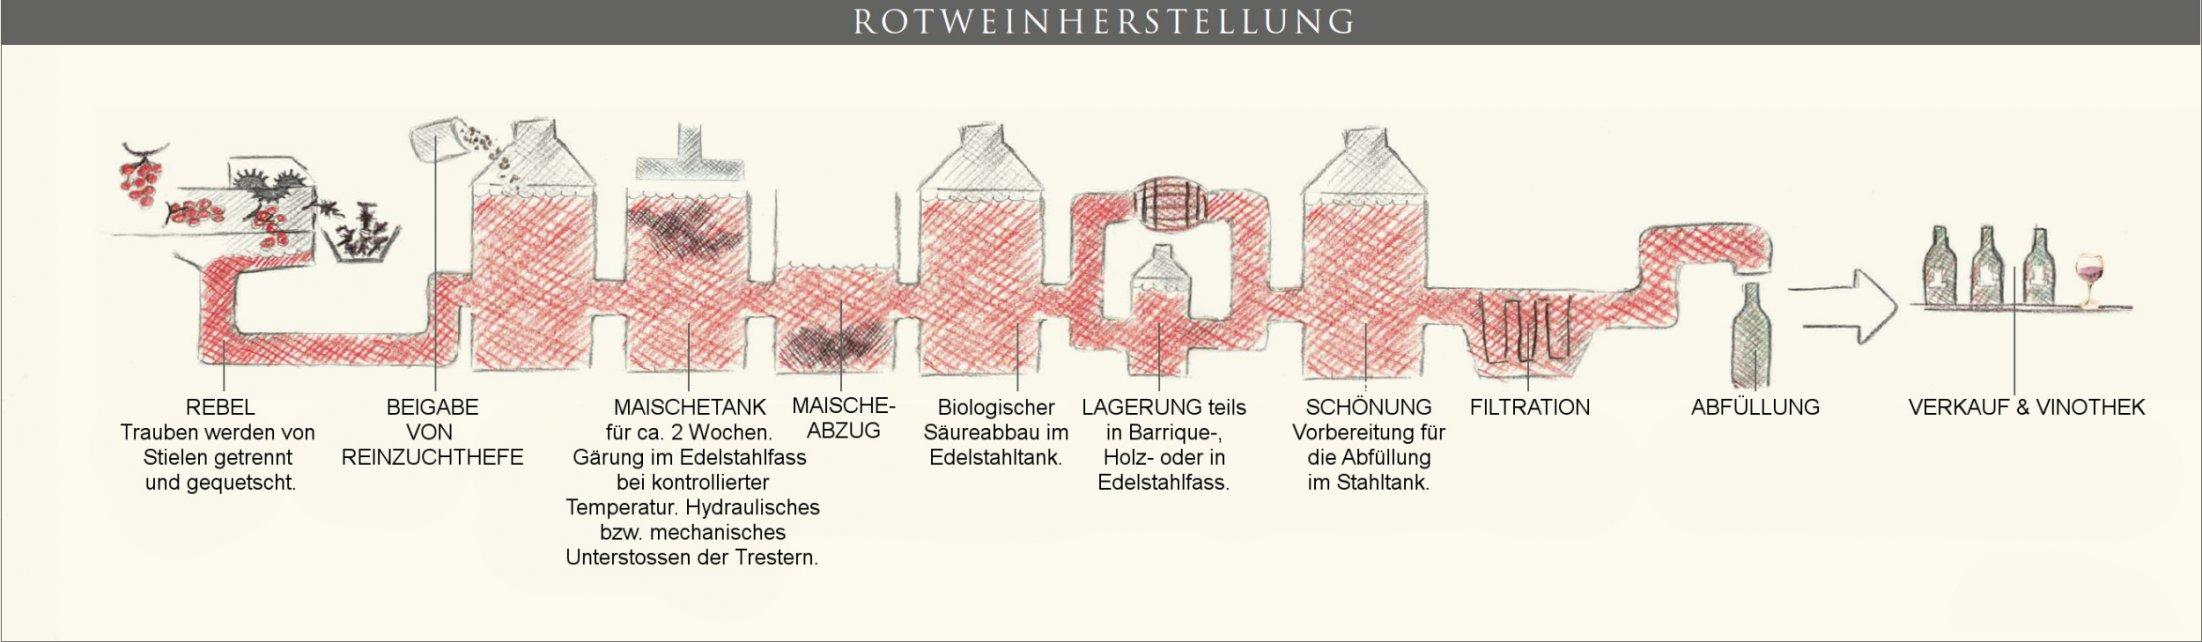 weinherstellung zu hause 57 images reparaturen zu hause lidl deutschland lidl de mein. Black Bedroom Furniture Sets. Home Design Ideas